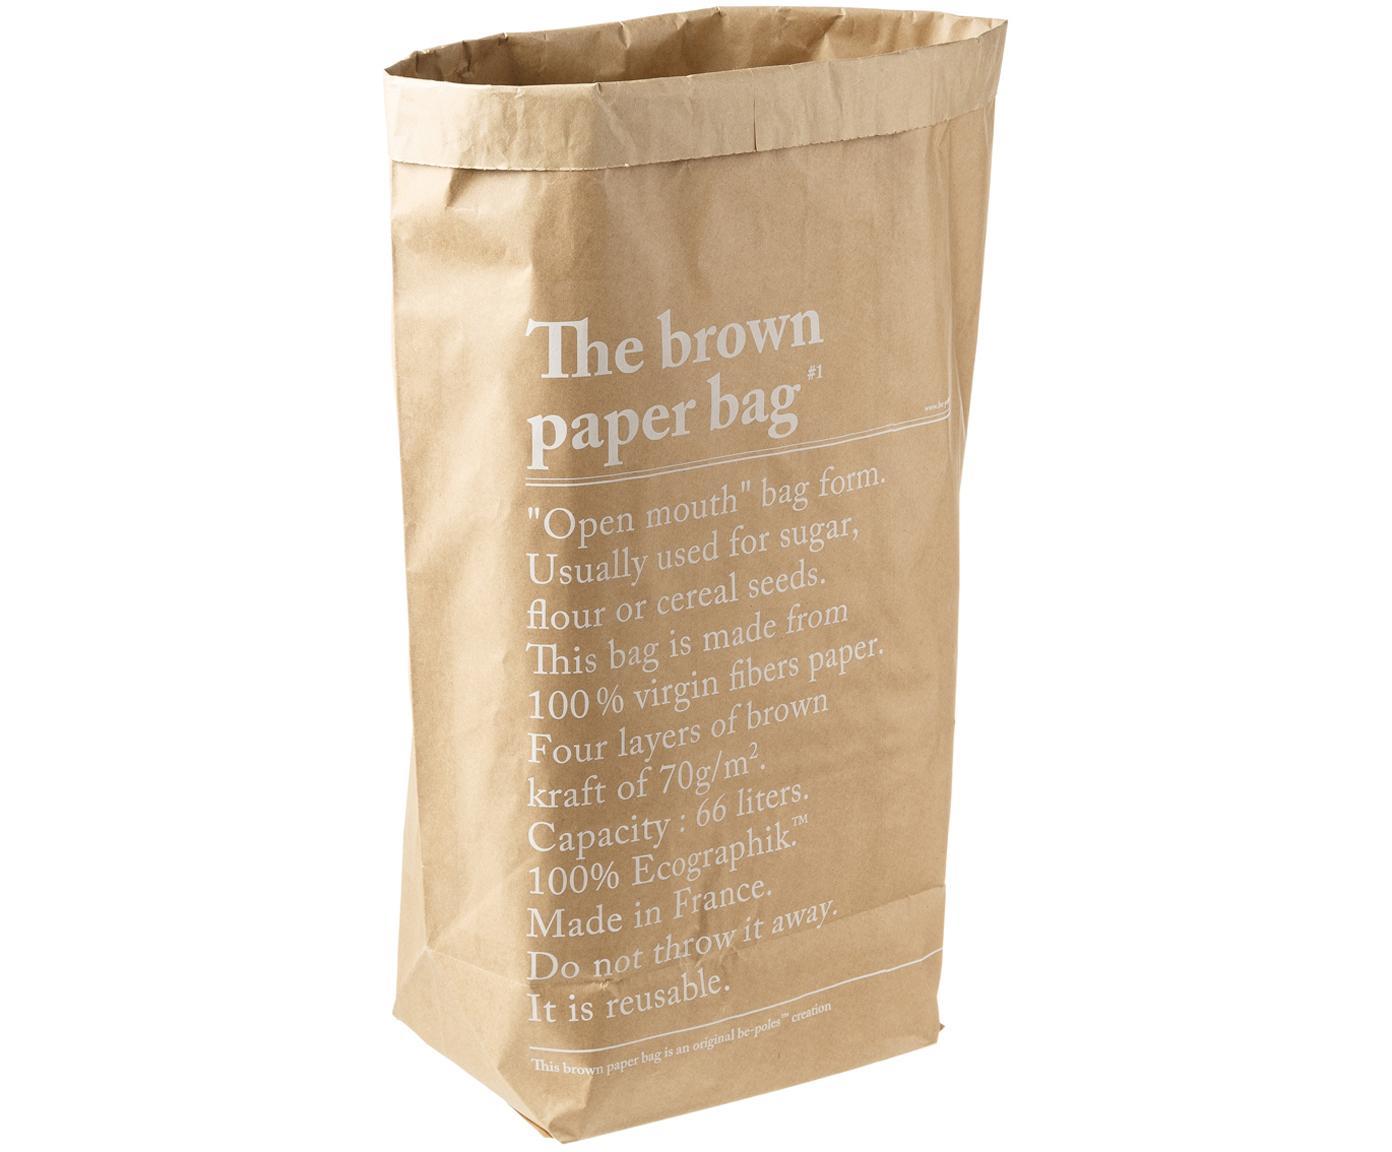 Borse di stoccaggio Le sac en papier, 2 pezzi, Carta in fibra vergine, Marrone, L 50 x A 69 cm